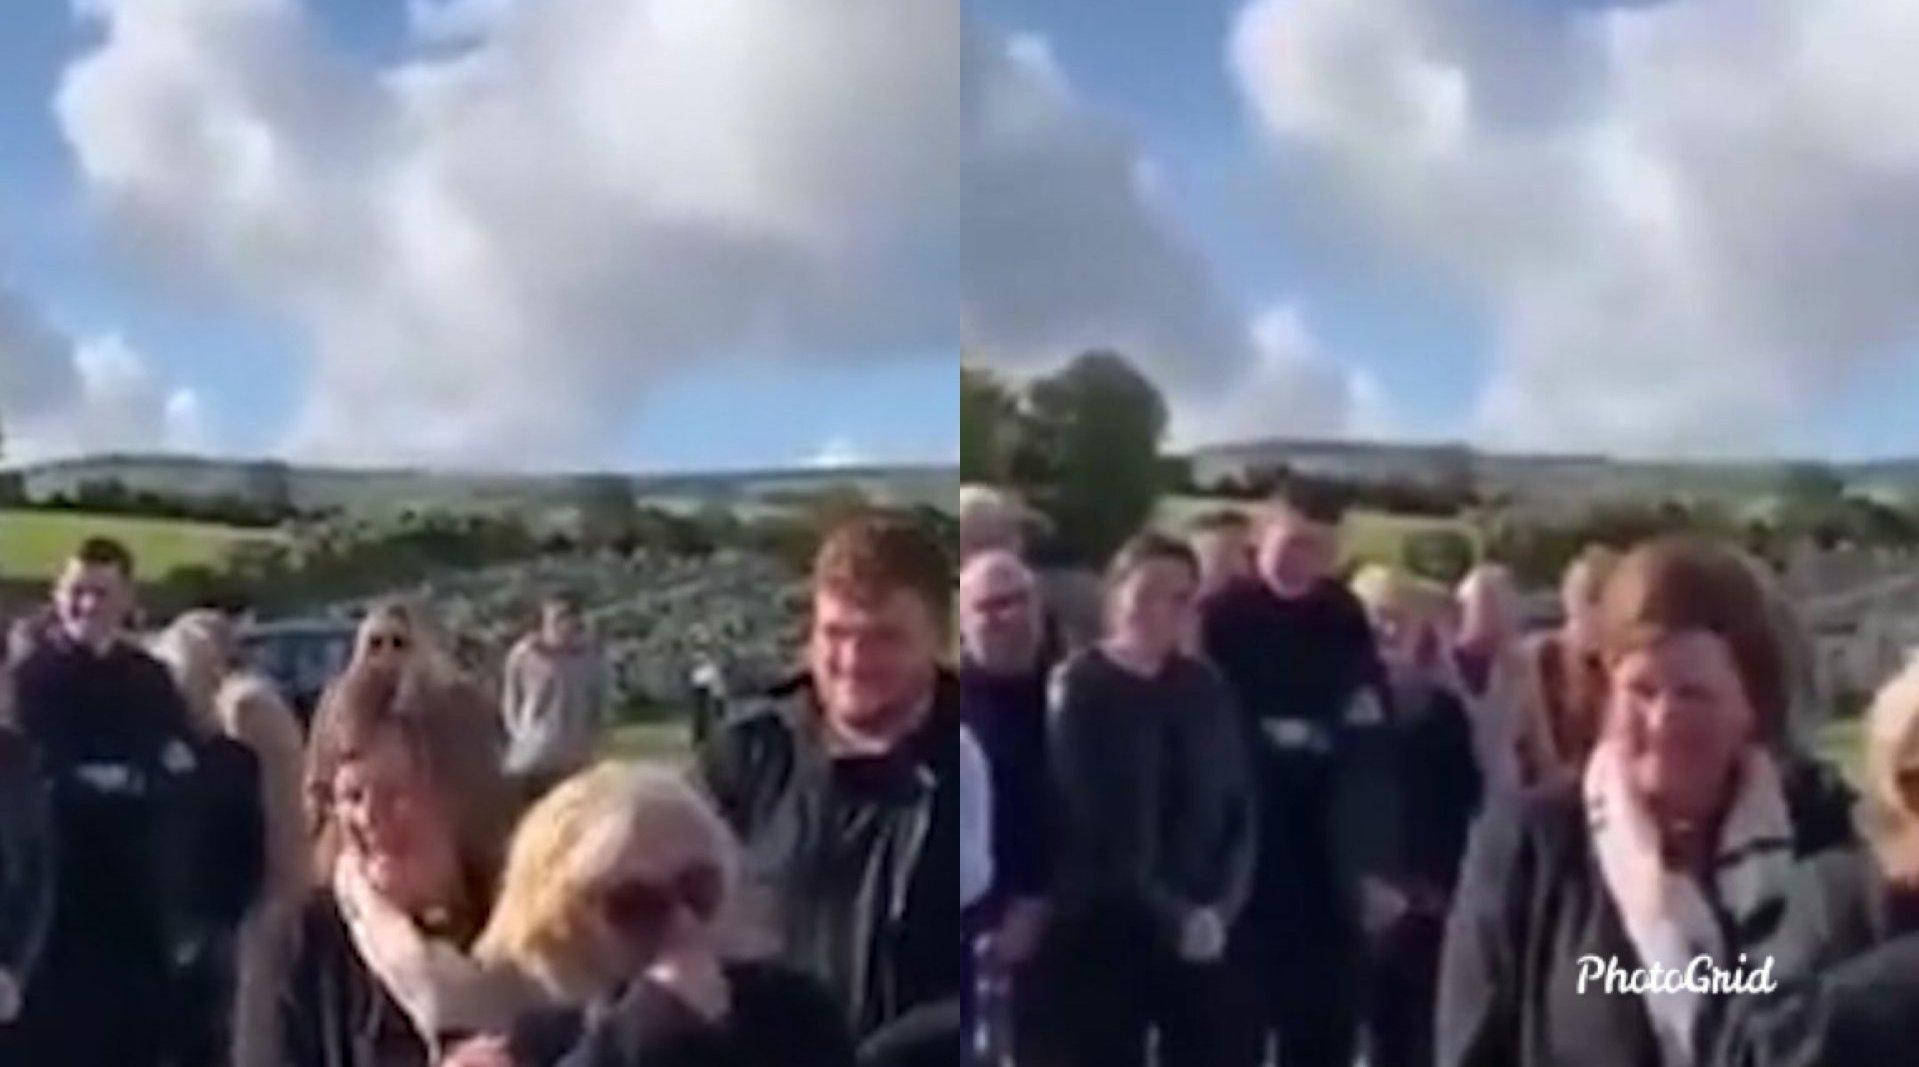 爱尔兰小哥给自己葬礼准备搞笑录音网友:笑着笑着,就哭了